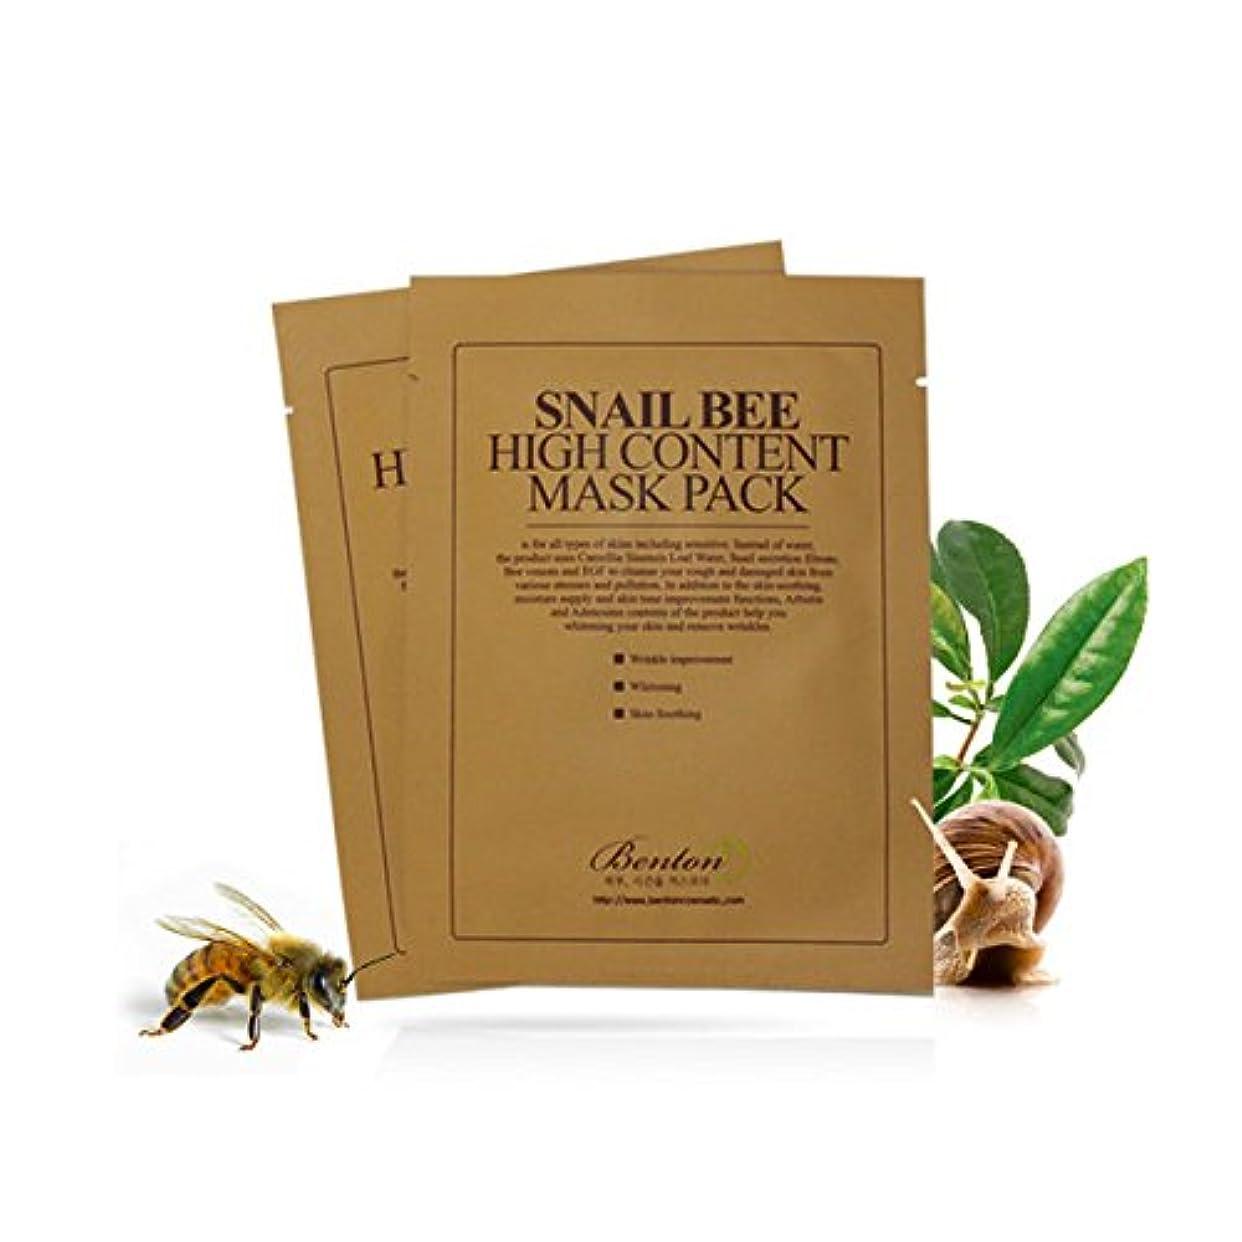 気味の悪い間隔メモ[ベントン] BENTON カタツムリ蜂の高いコンテンツ?マスクパック Snail Bee High Content Mask Pack Sheet 10 Pcs [並行輸入品]